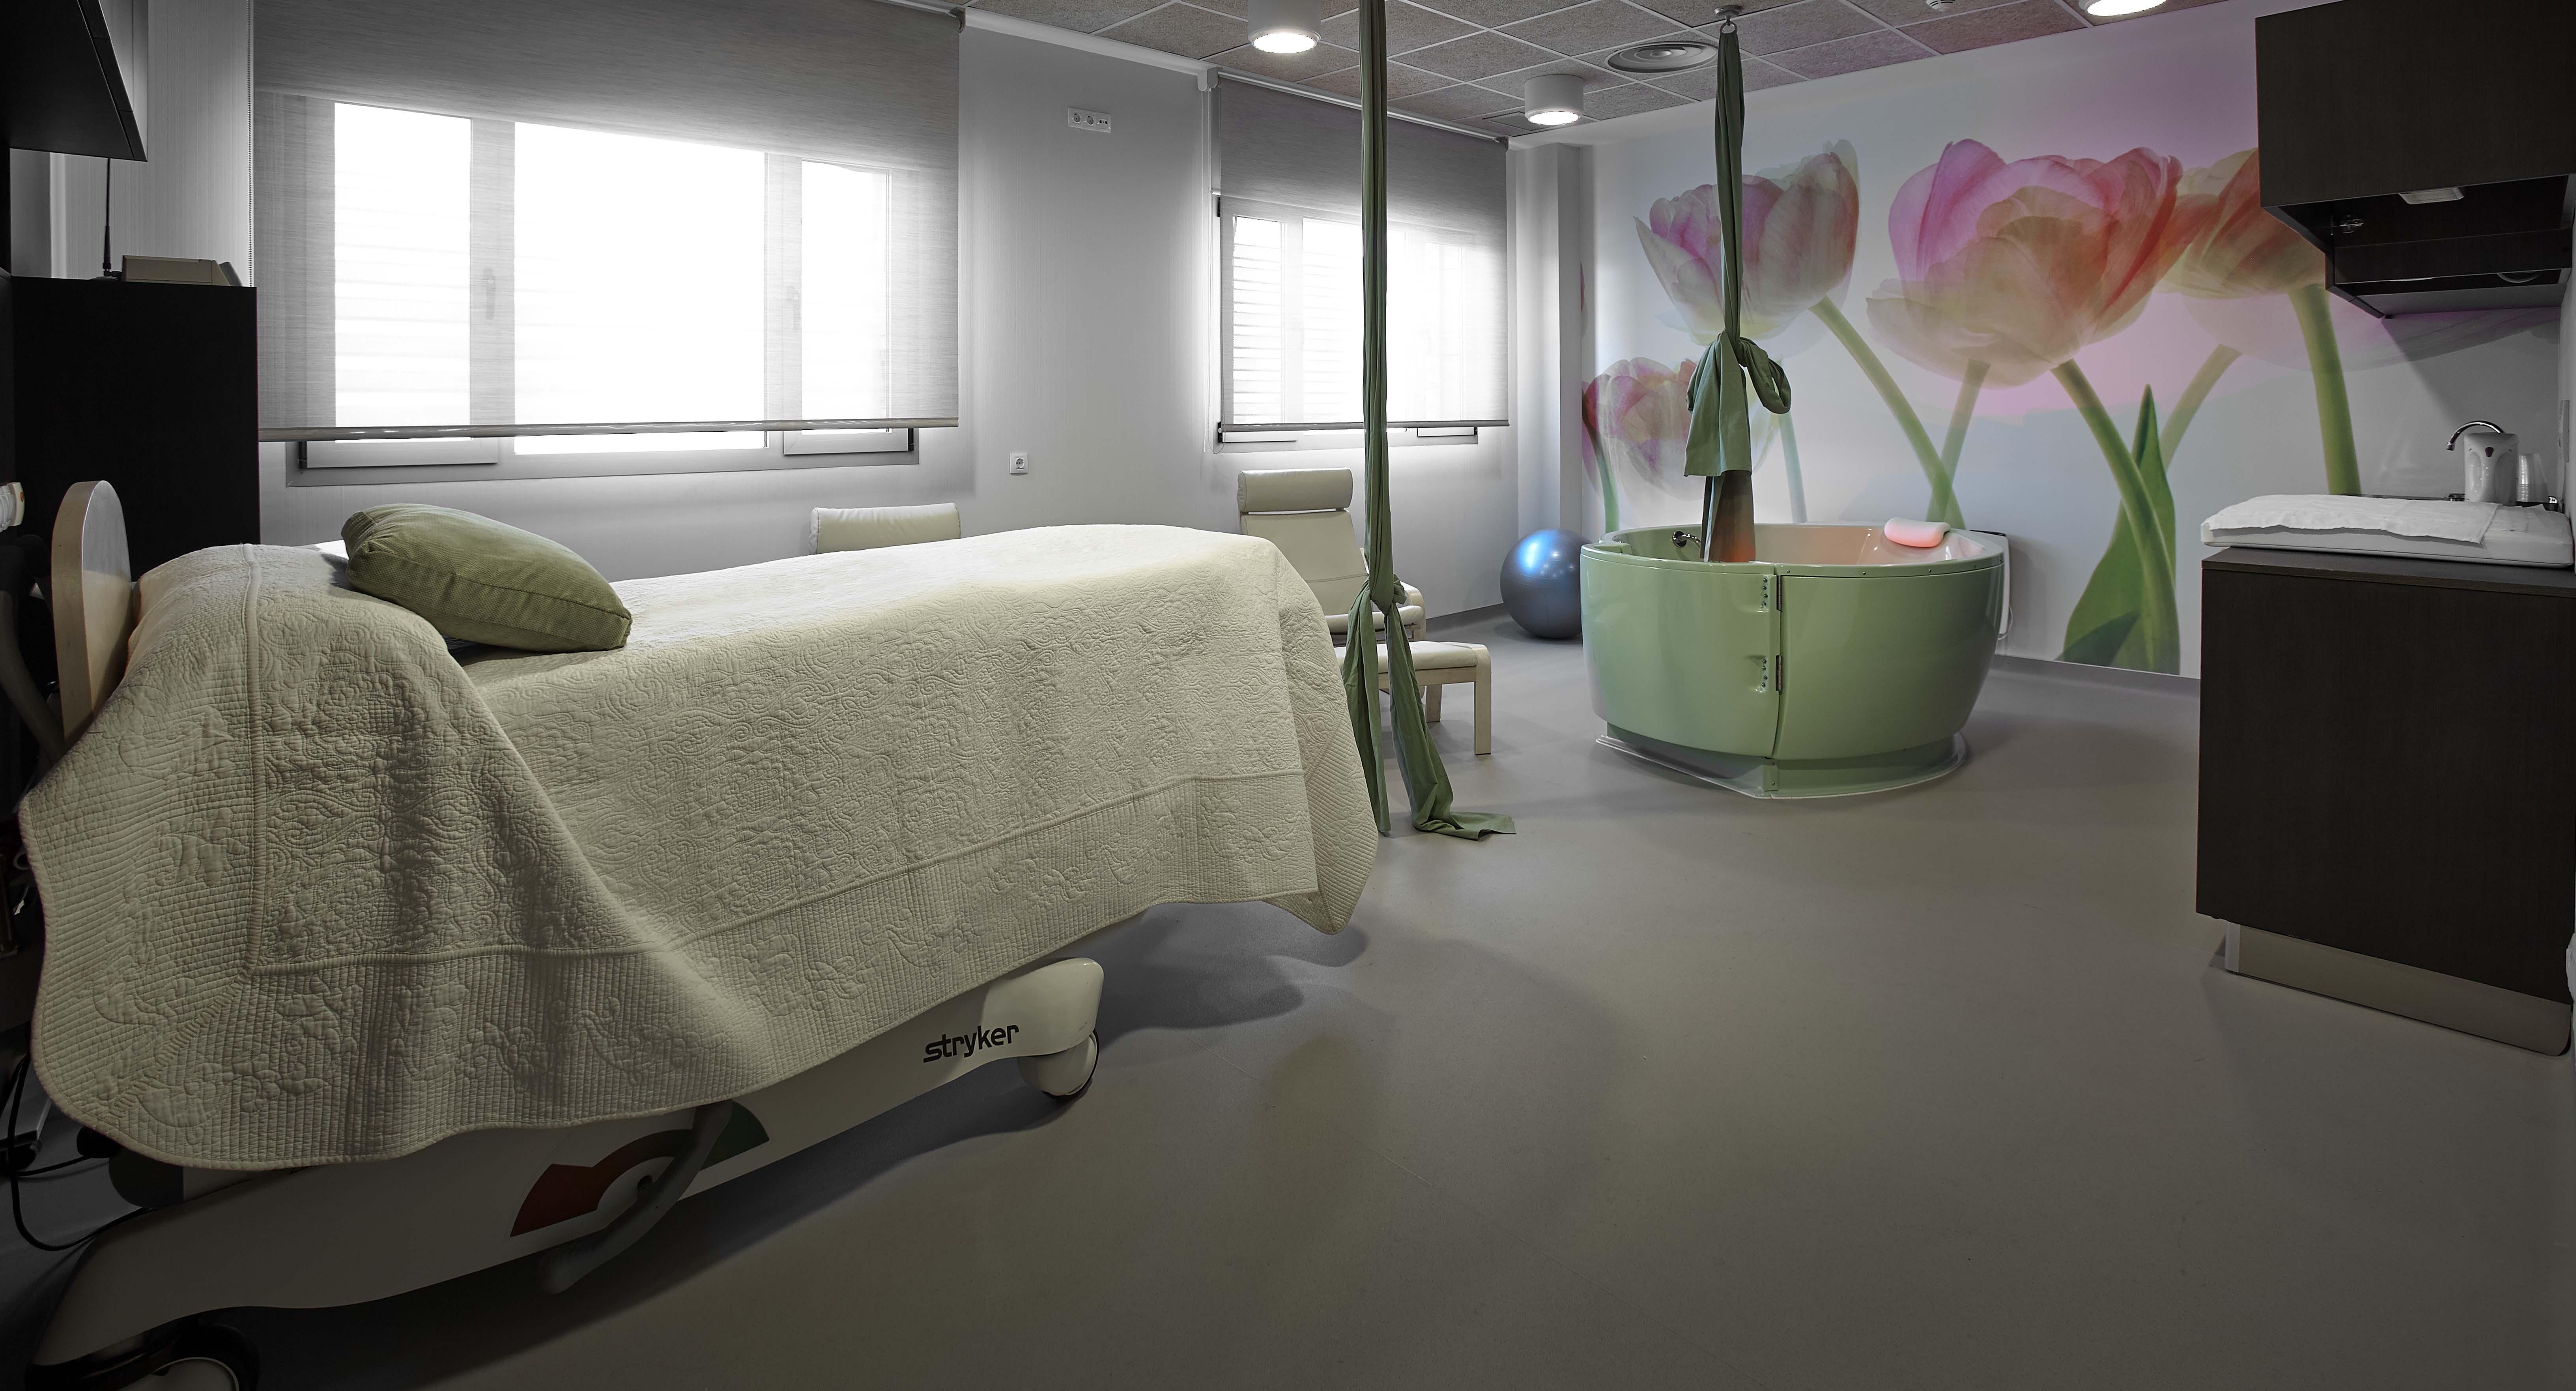 La Casa de Partos atiende gestaciones de bajo riesgo en un espacio más familiar que el habitual en un centro hospitalario.